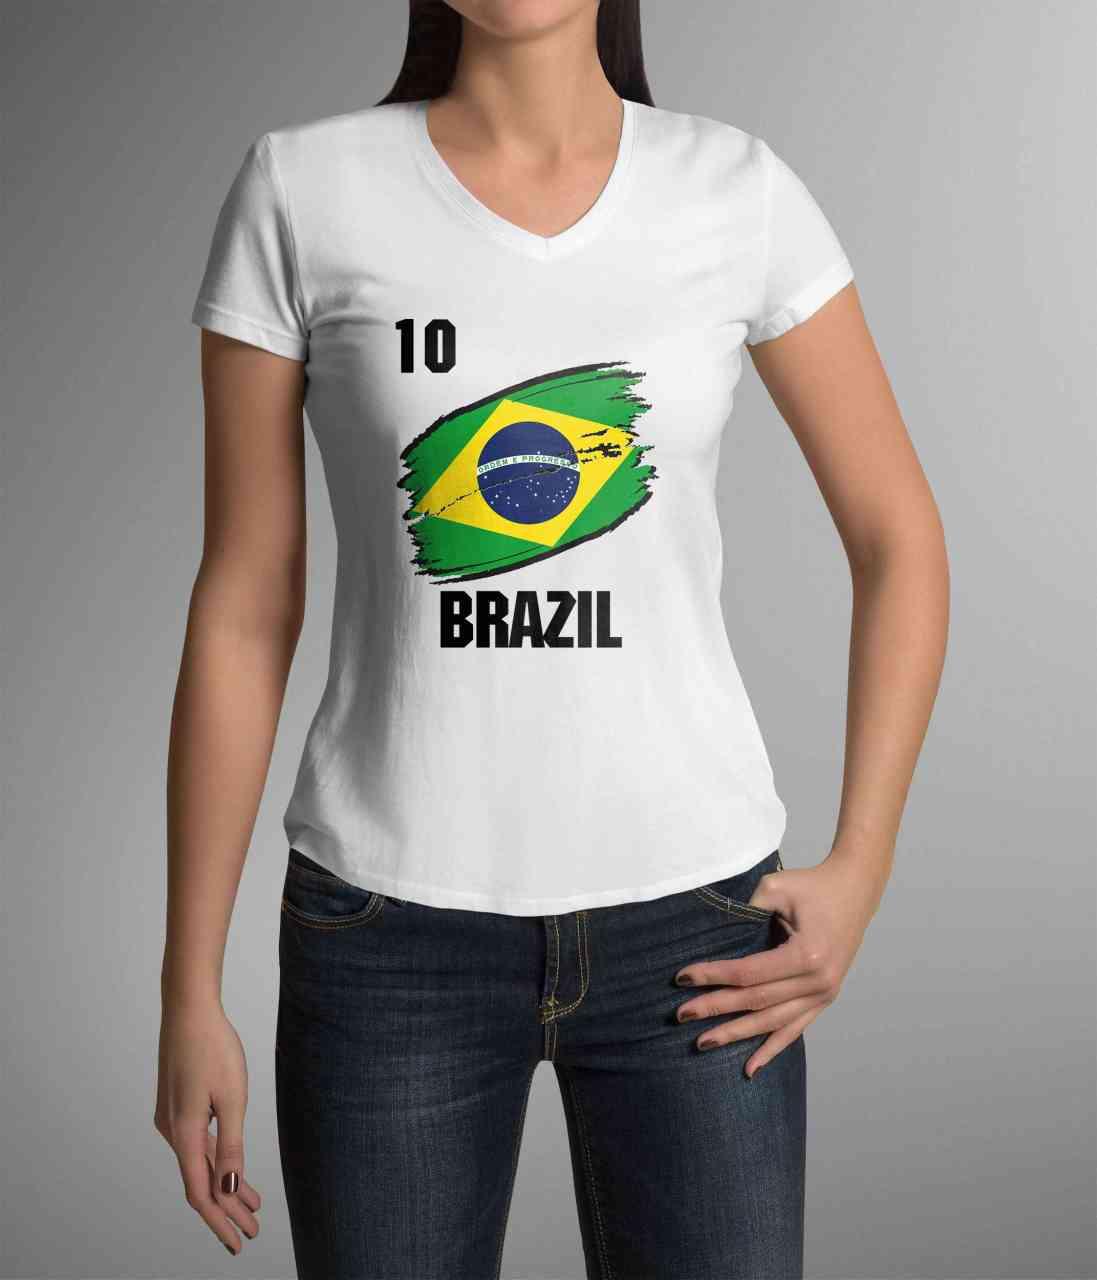 Brazil | Brazilien | Männer oder Frauen Trikot T - Shirt mit Wunsch Nummer + Wunsch Name | WM 2018